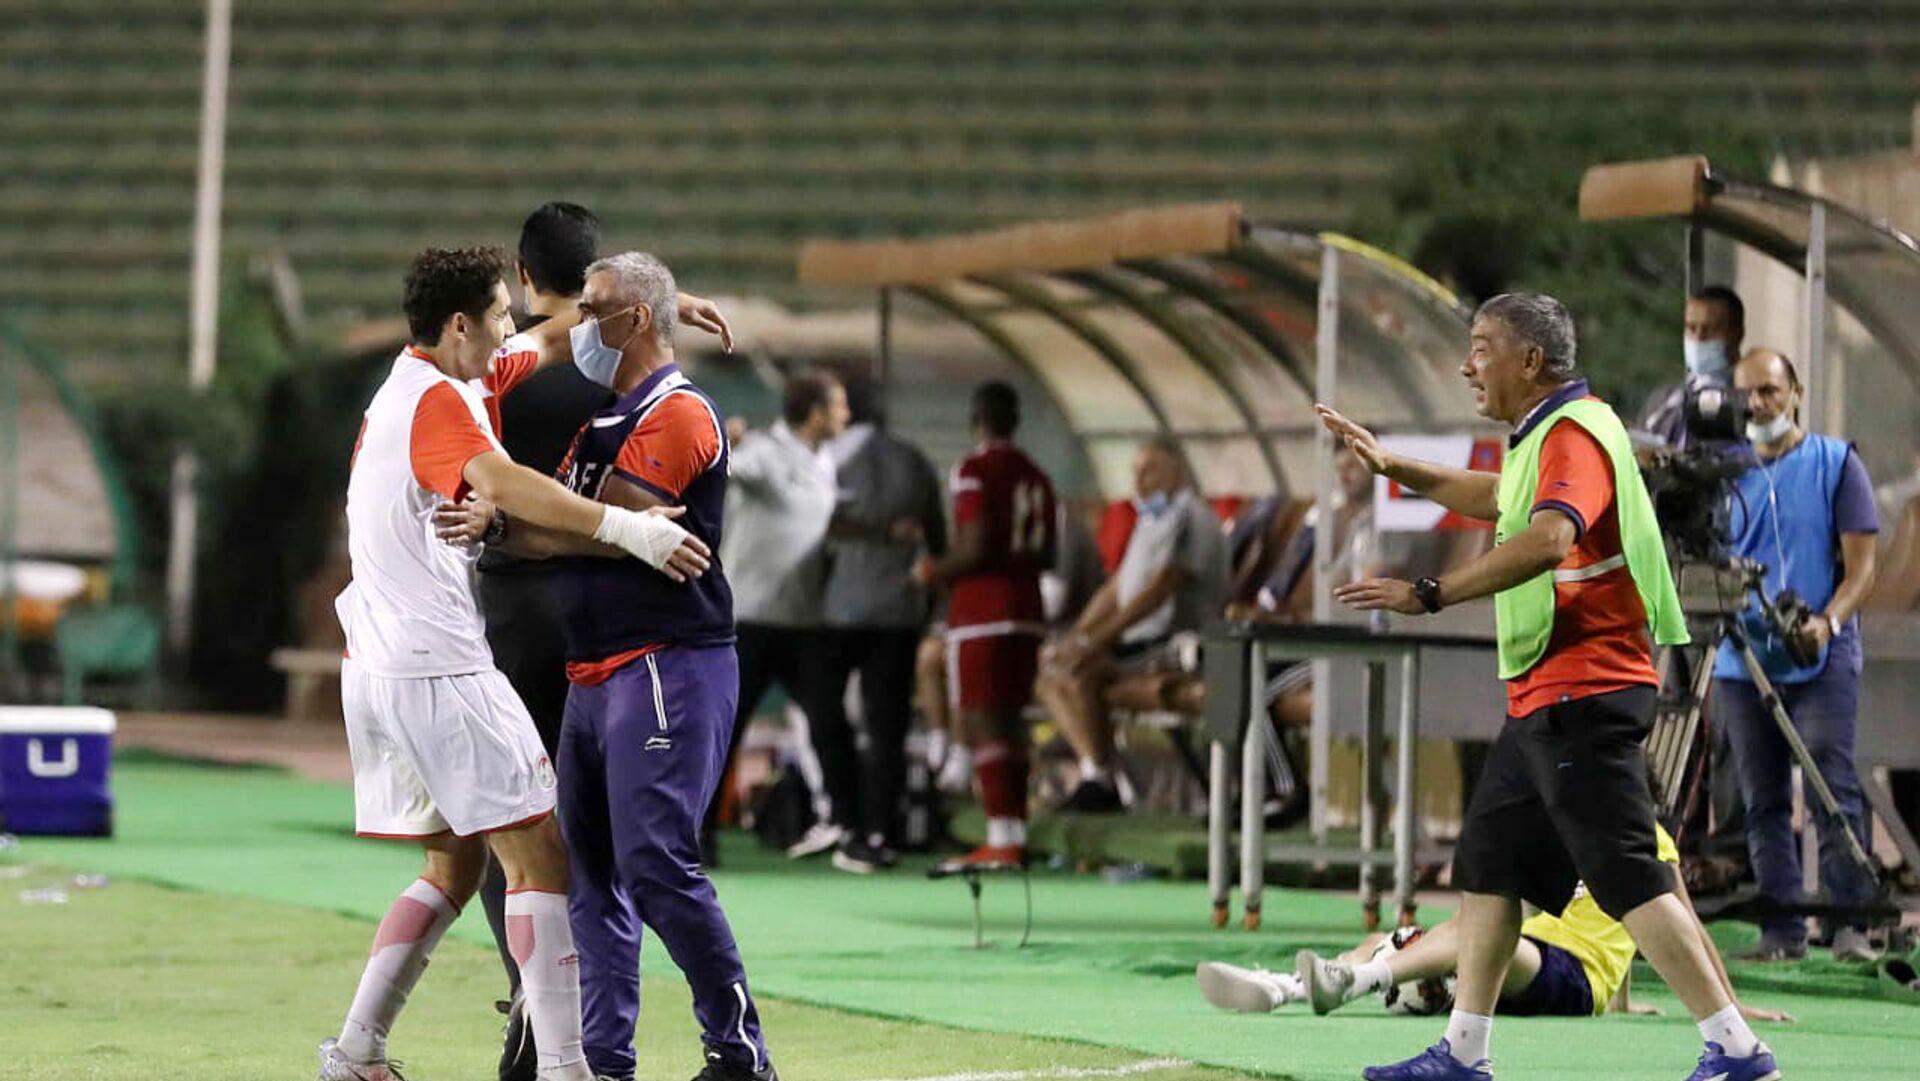 Молодежная сборная Таджикистана (U-19) обыграла сверстников из ОАЭ на Кубке арабских наций-2021 в Египте - Sputnik Таджикистан, 1920, 24.06.2021